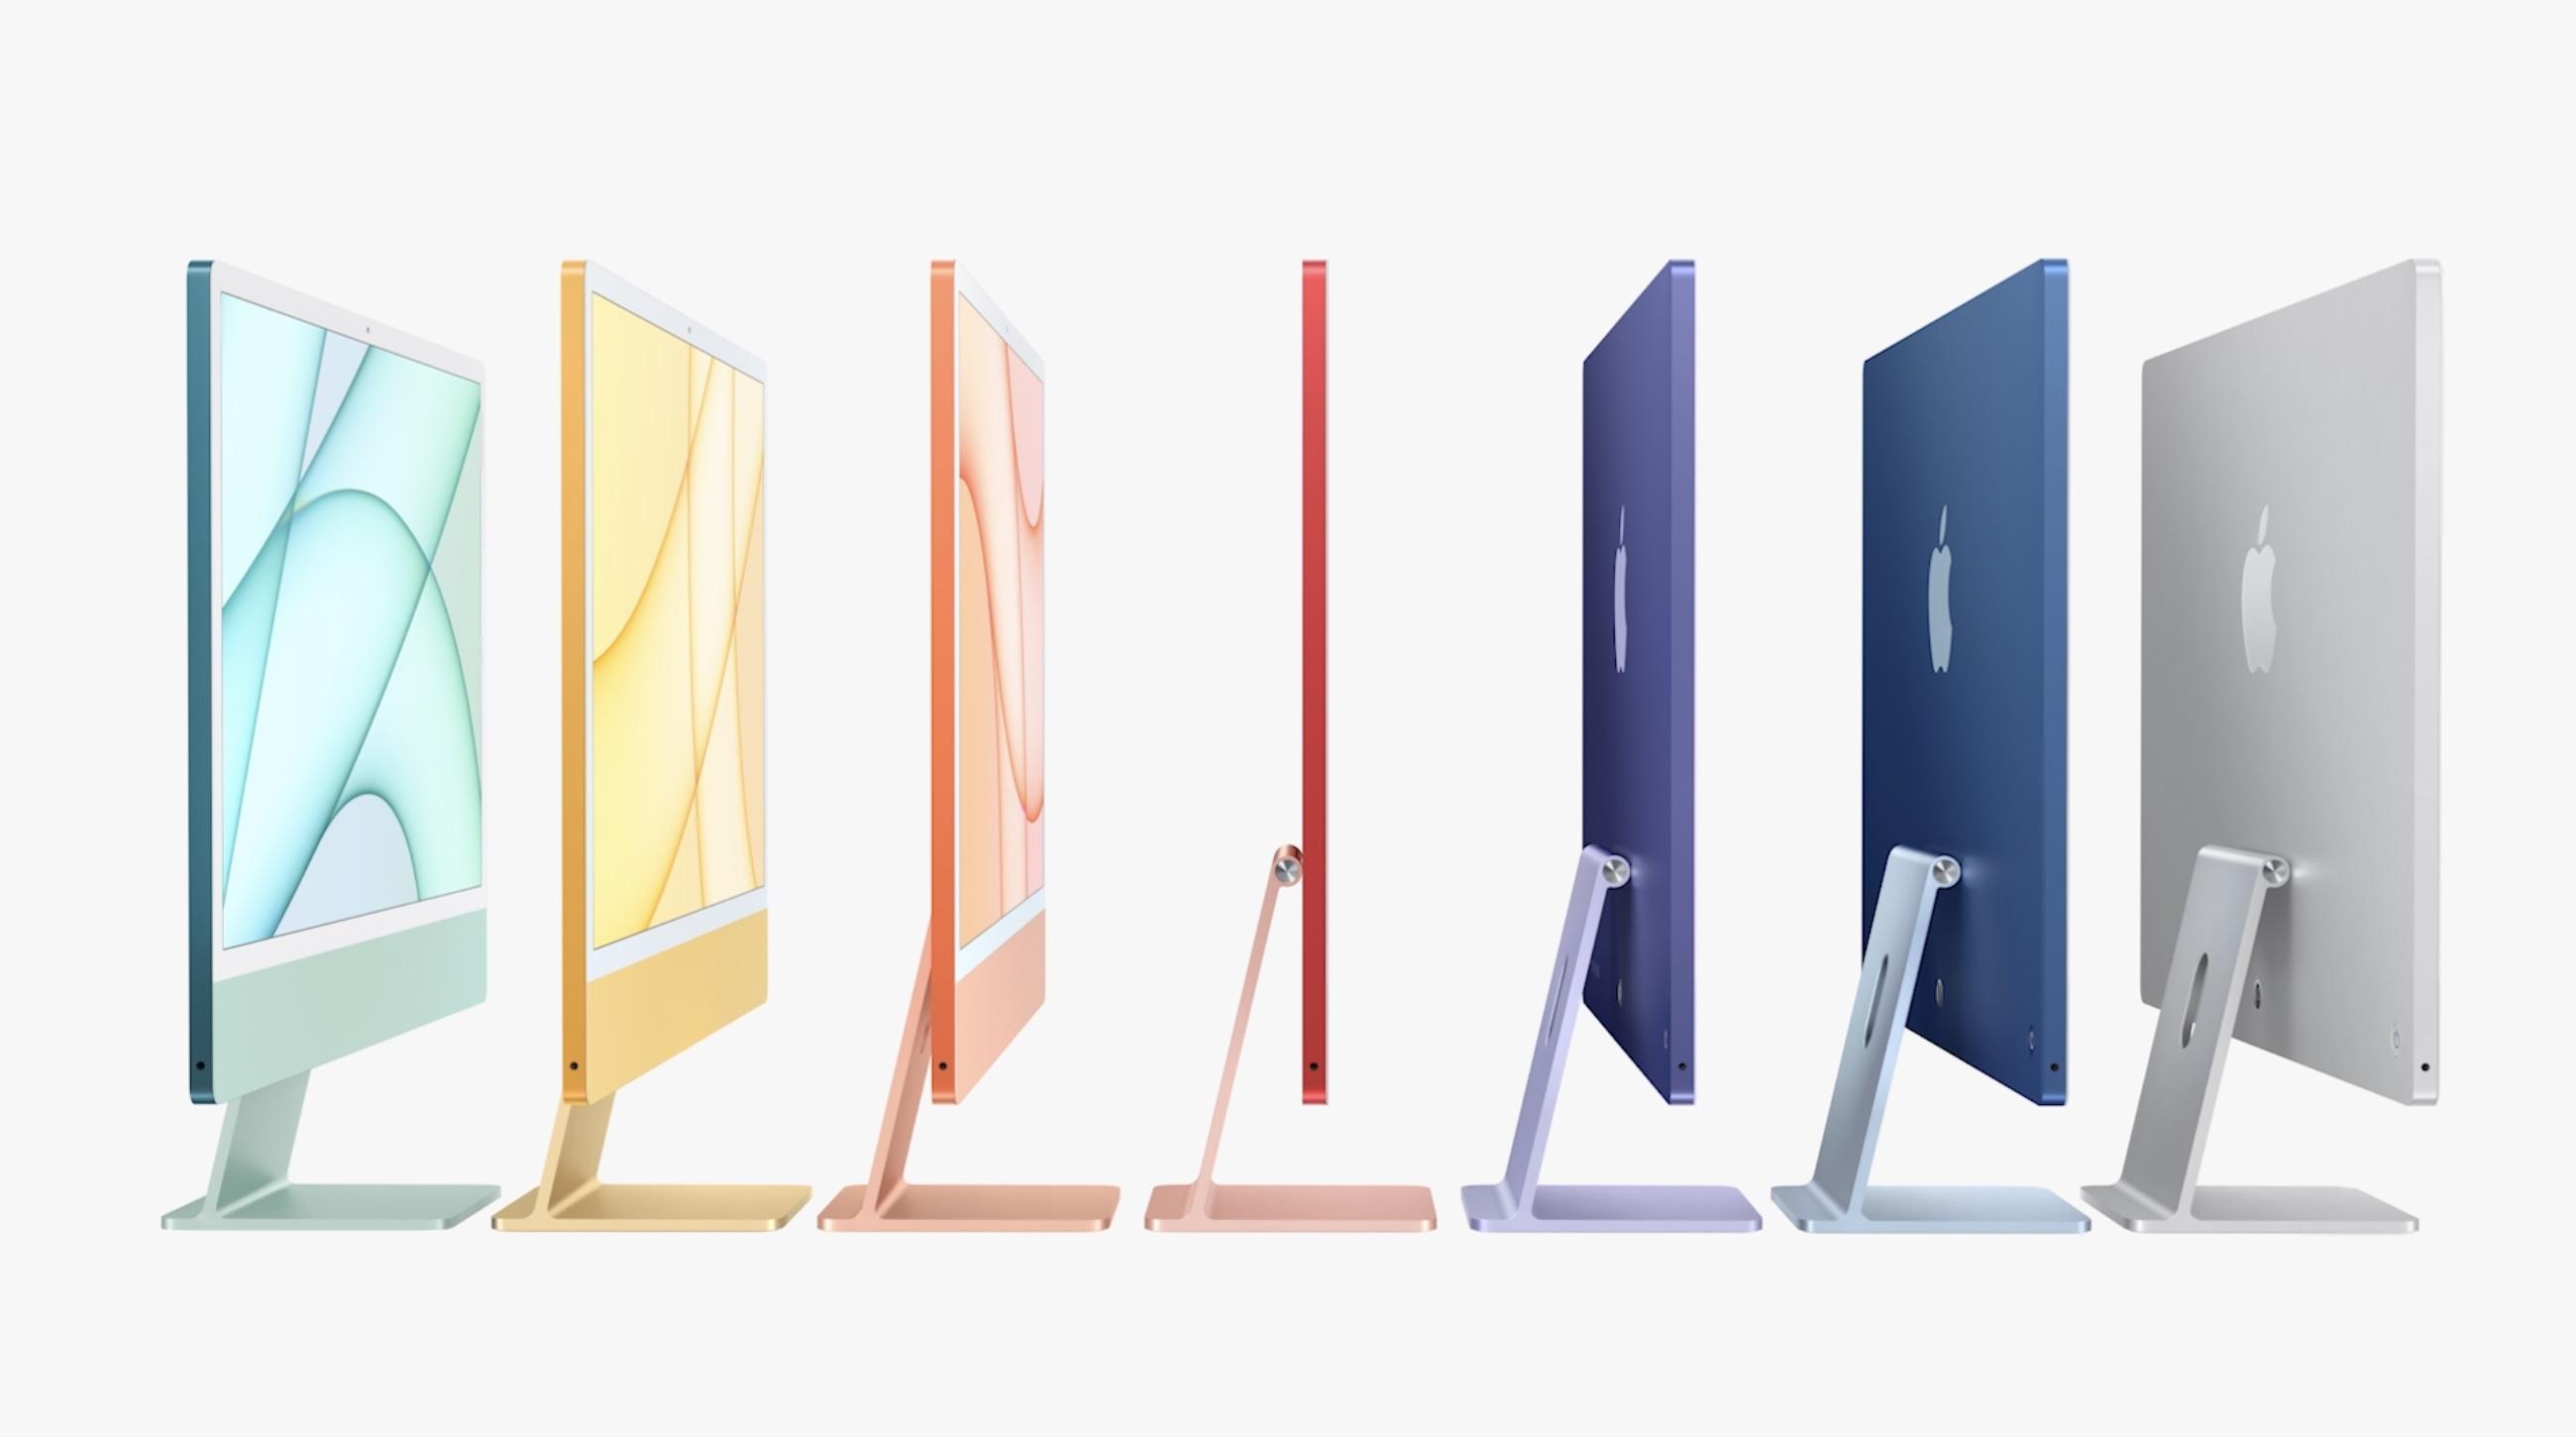 2021 iMac - all colors